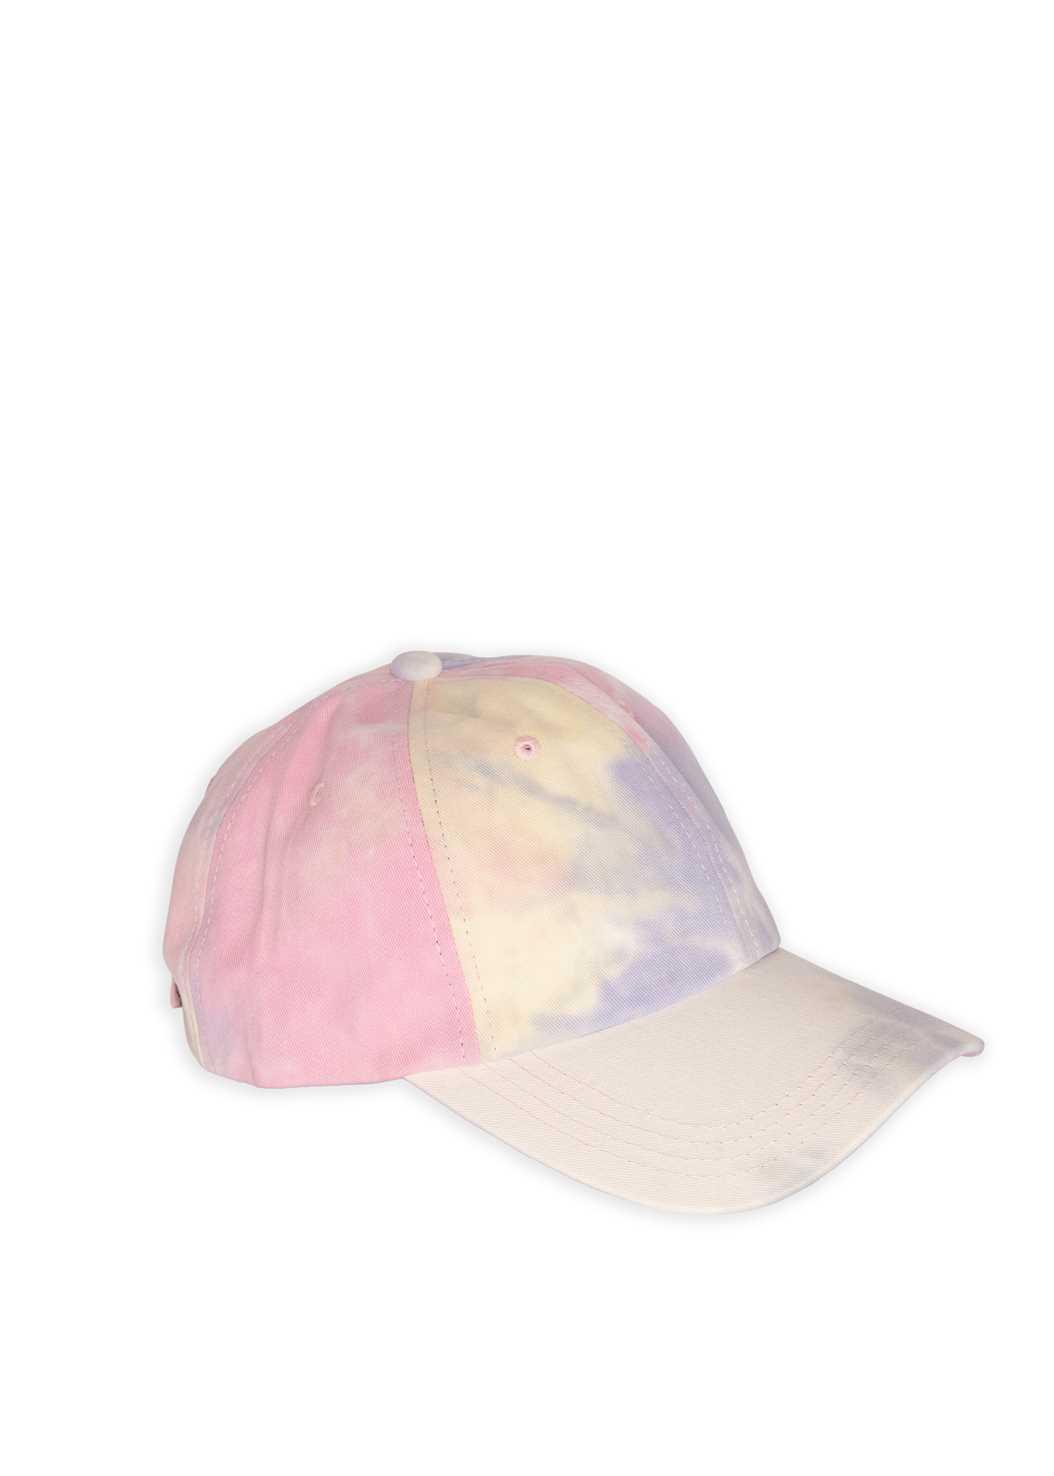 Tie Dye Baseball Hat,Surplice Pullover Sweatshirt,Basic Cami Two Pack,Color Capri Jeans,Beaded Hoop Earrings